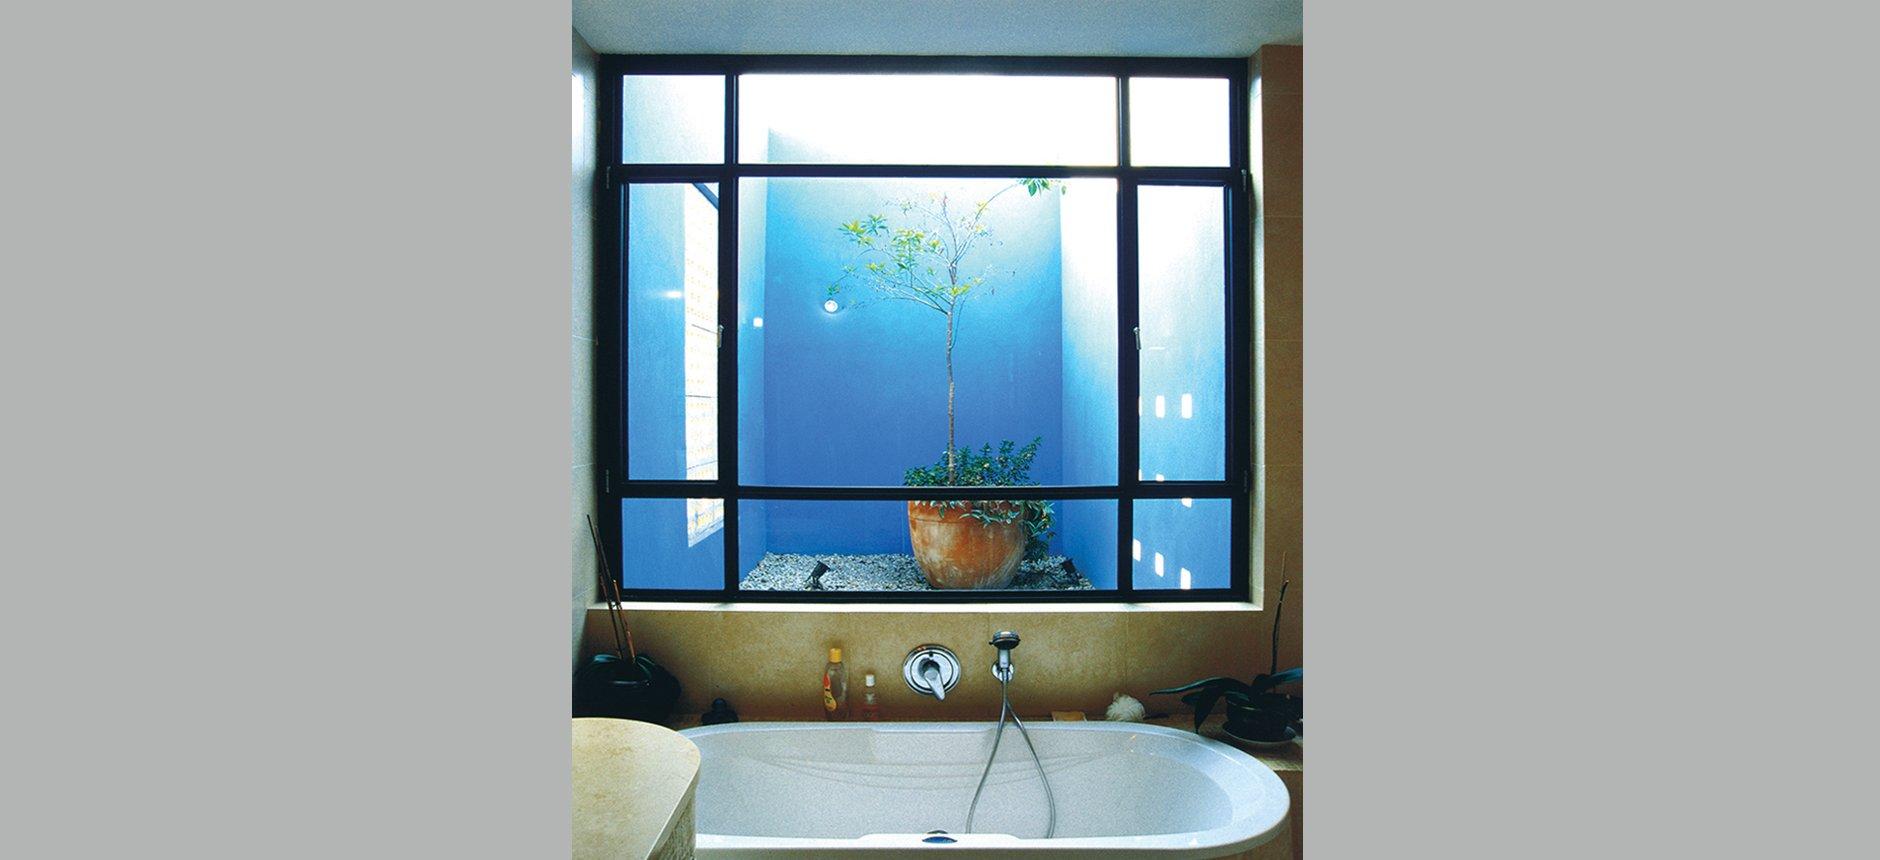 בית הלוי - בניה פרטית - אמבטיה.